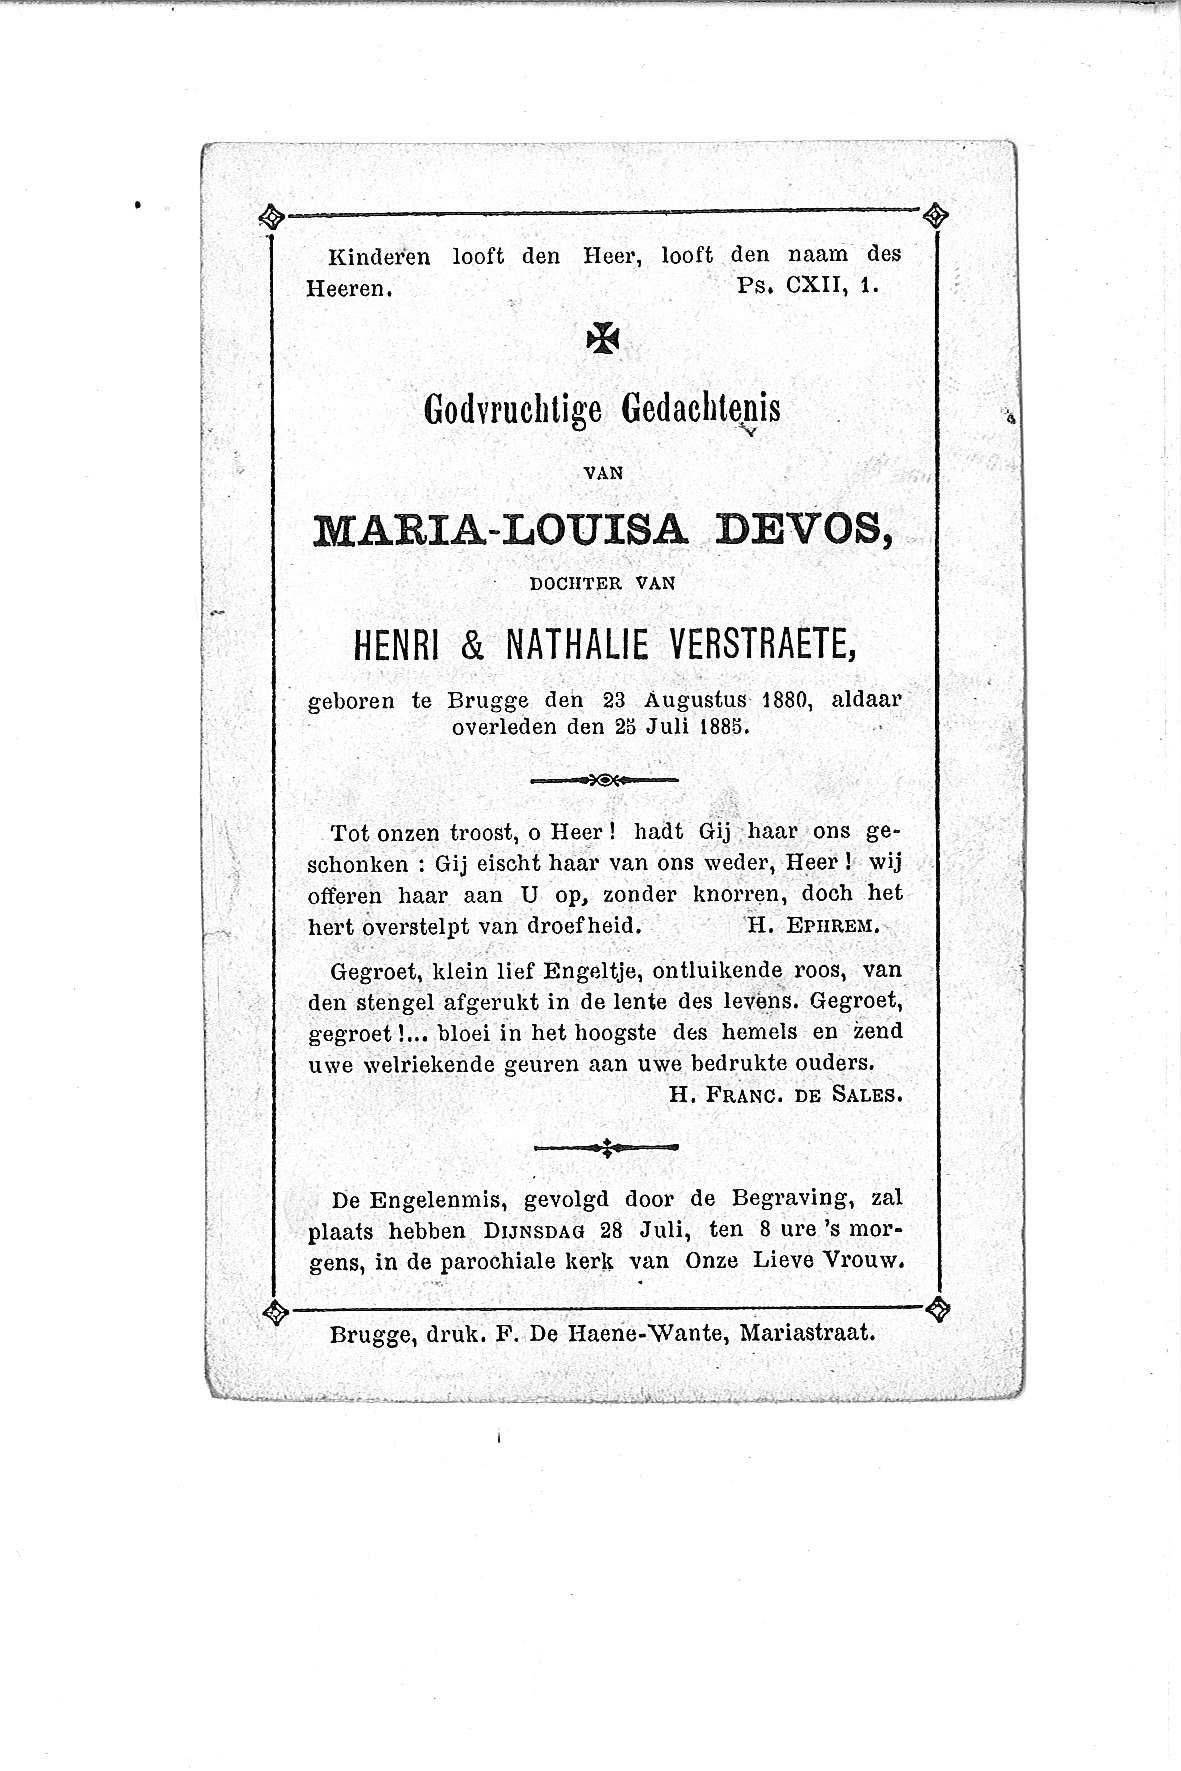 Maria-Louisa (1885) 20120312102926_00027.jpg